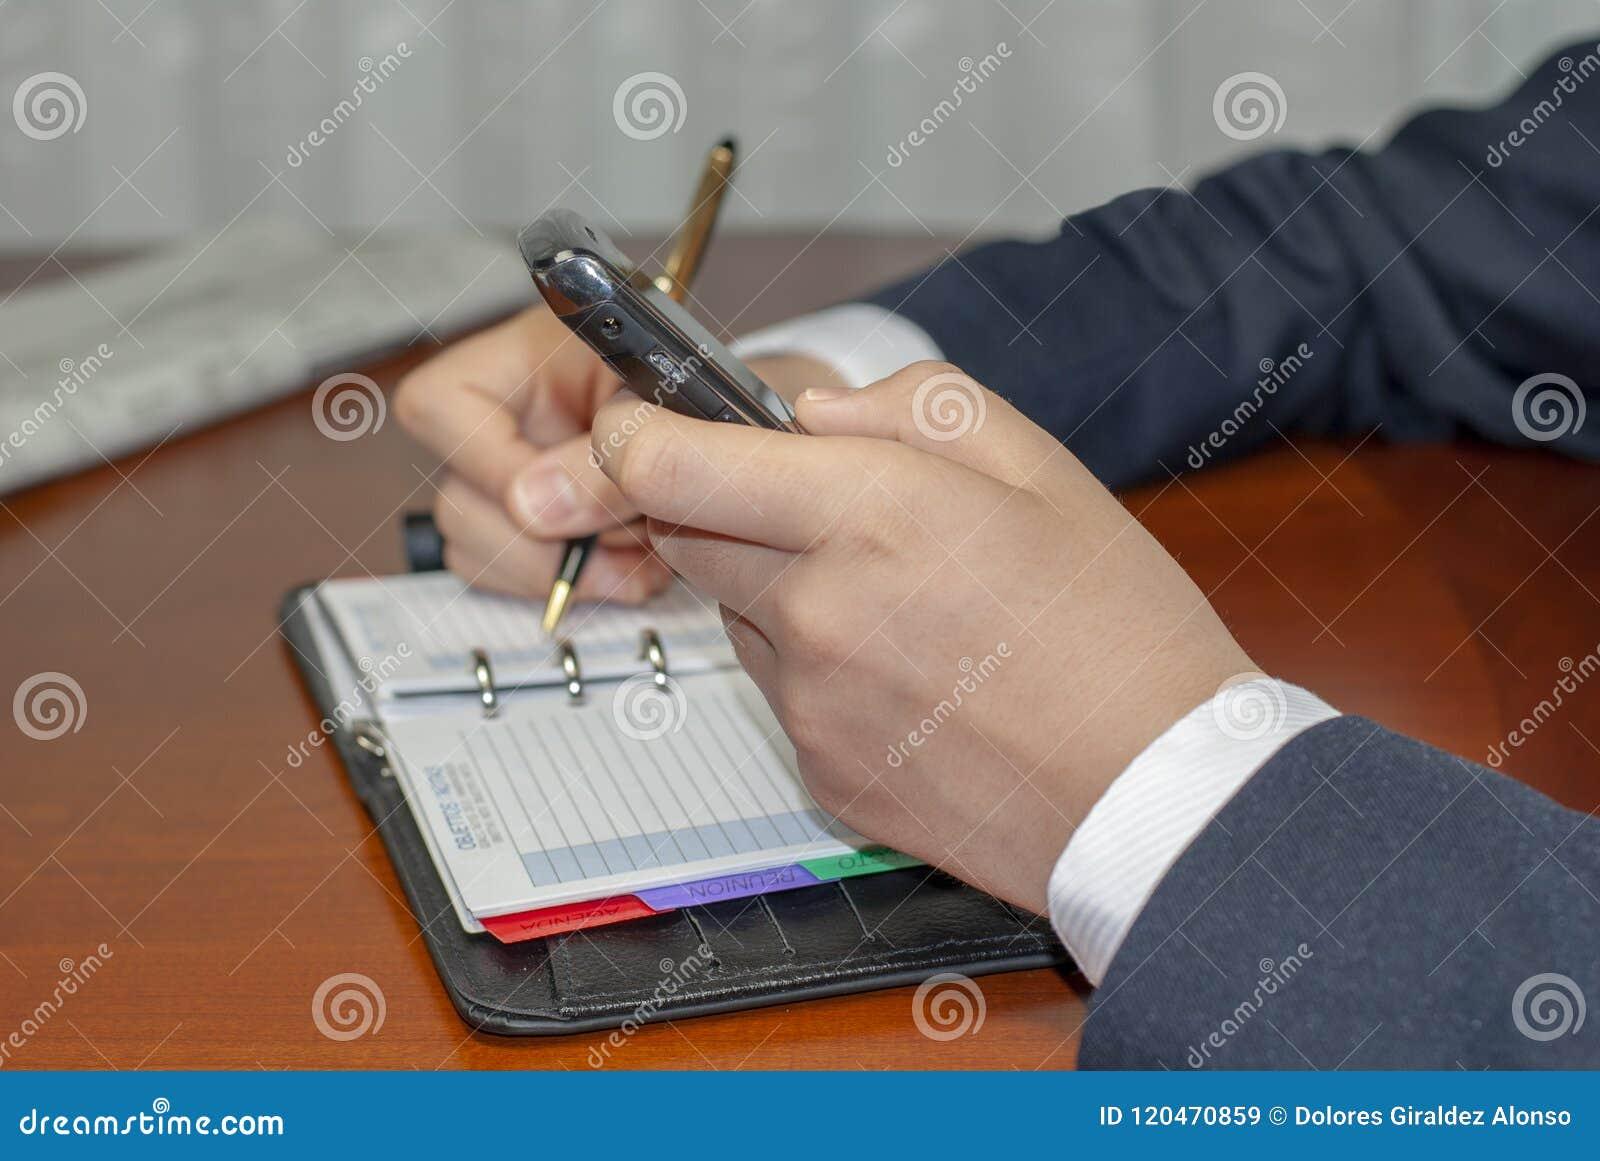 Человек проверяя назначение на личном план-графике организатора